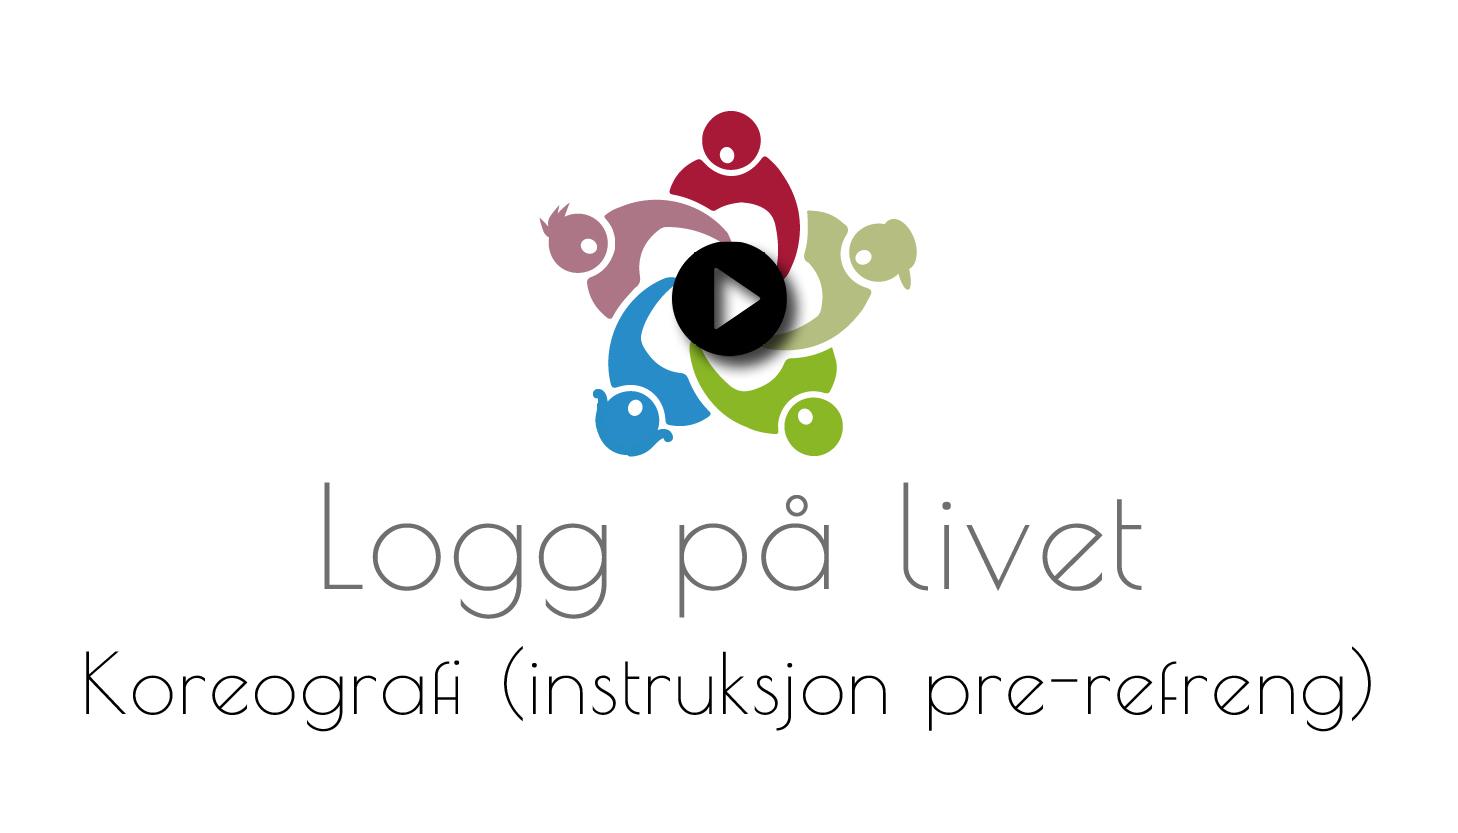 SSD Logo video Logg på livet - Koreografi (instuksjon pre-refreng).jpg